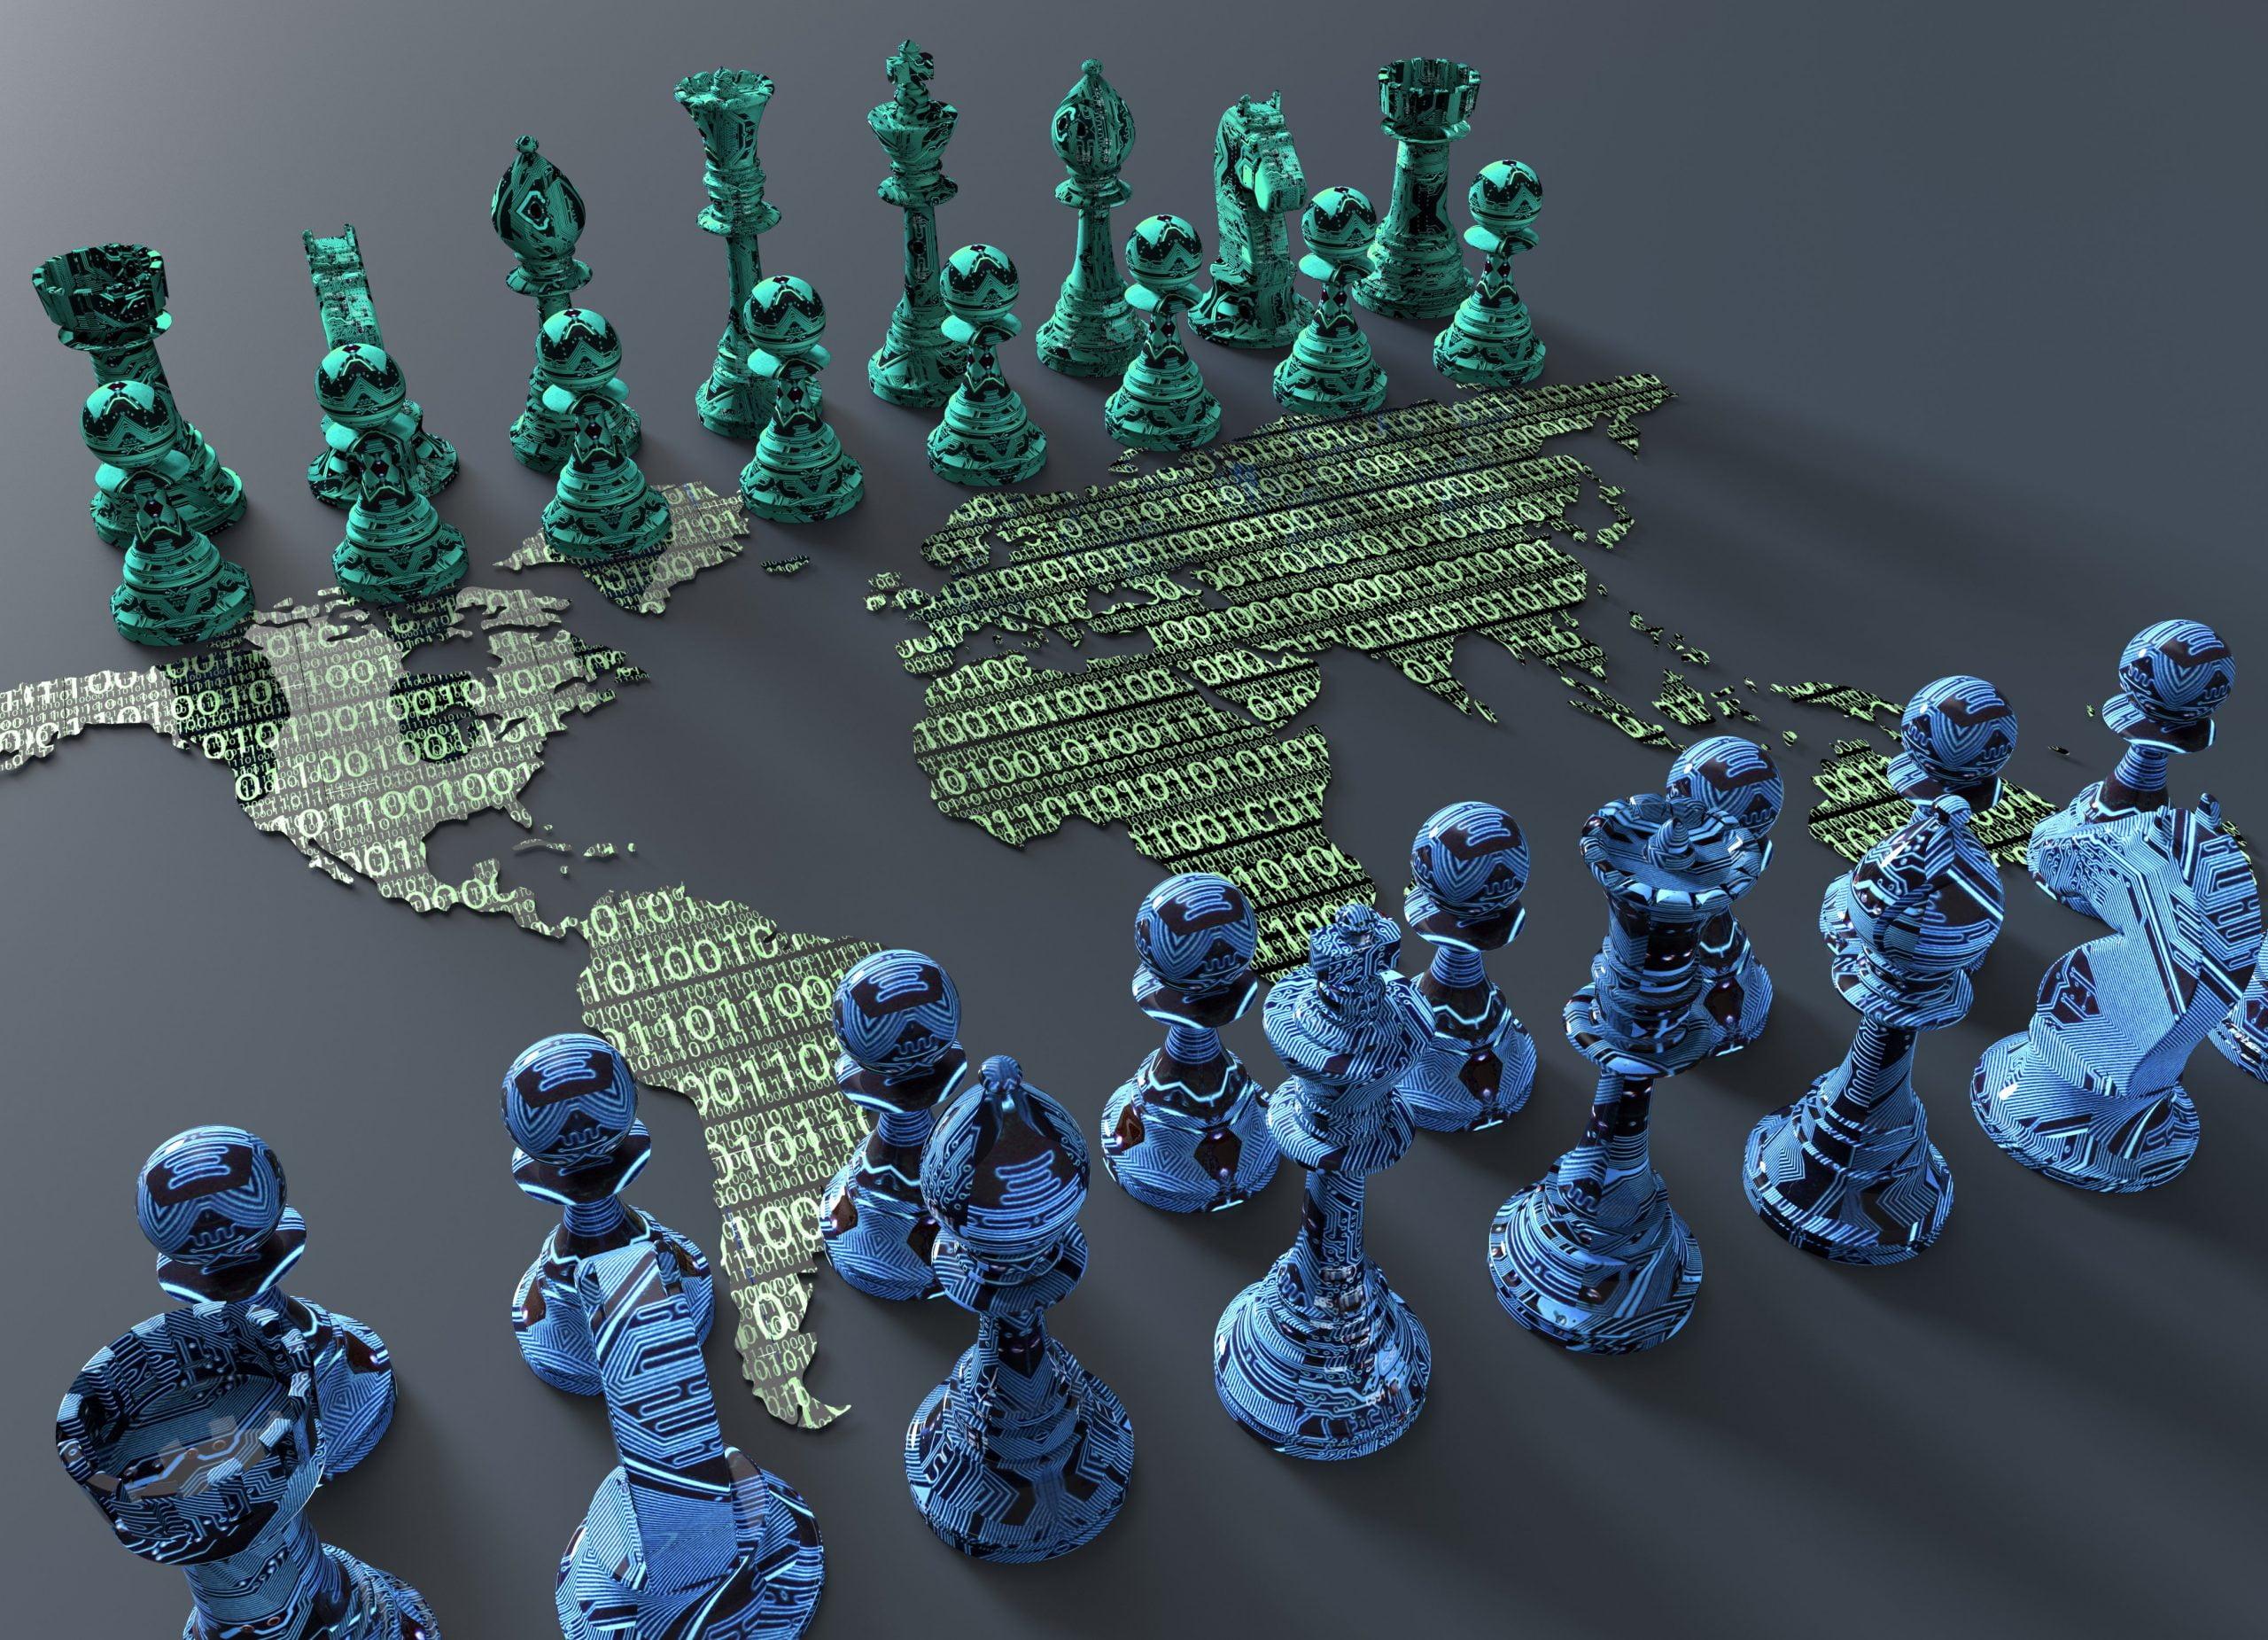 Ηλε(κτρονικοί)πόλεμοι: Μπροστά στην Επανάσταση στα Στρατιωτικά Πράγματα